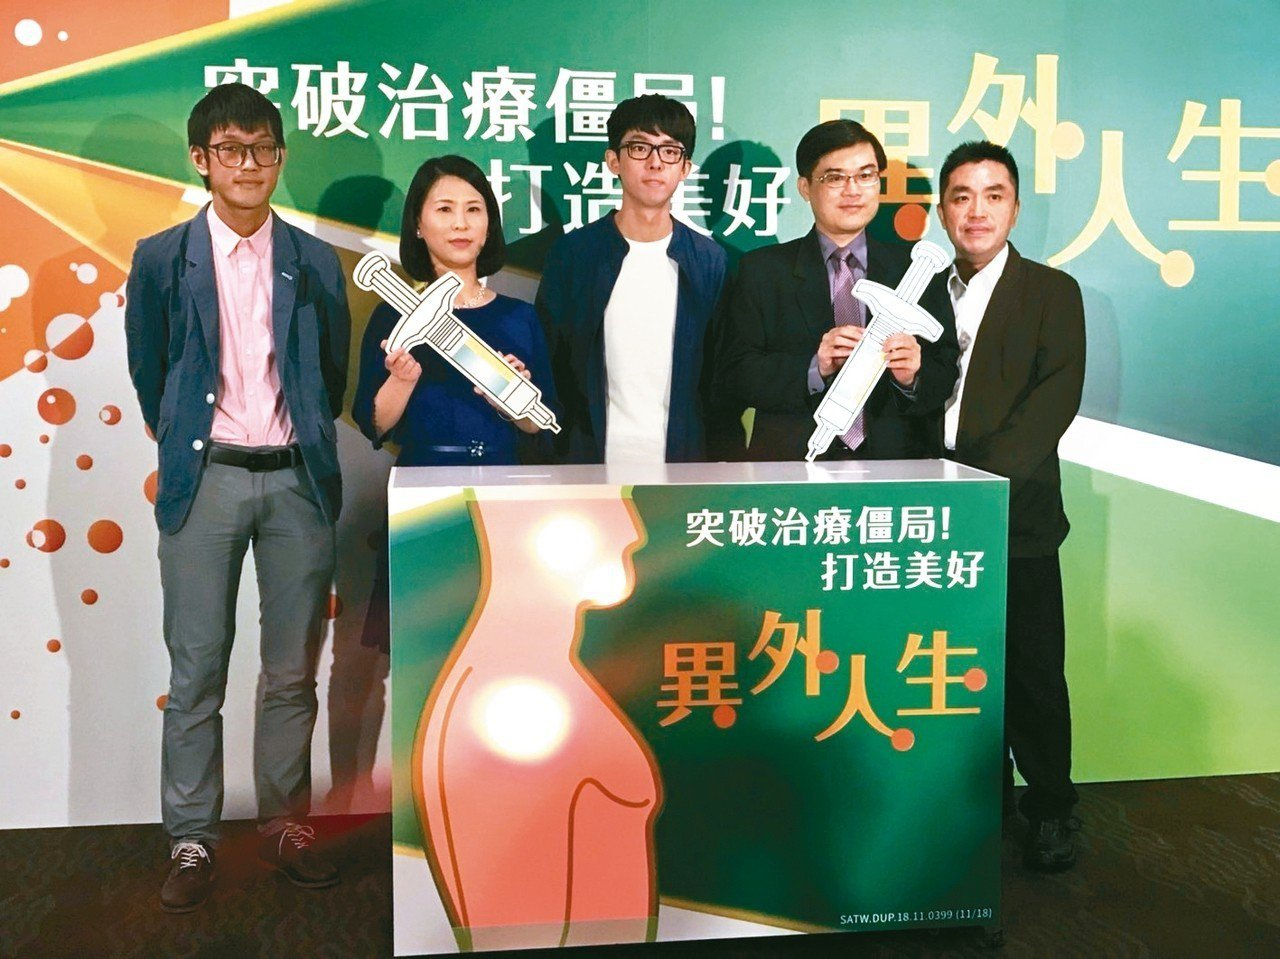 台大醫院皮膚科主治醫師朱家瑜(右二)表示,目前異位性皮膚炎已有新型生物製劑,研究...